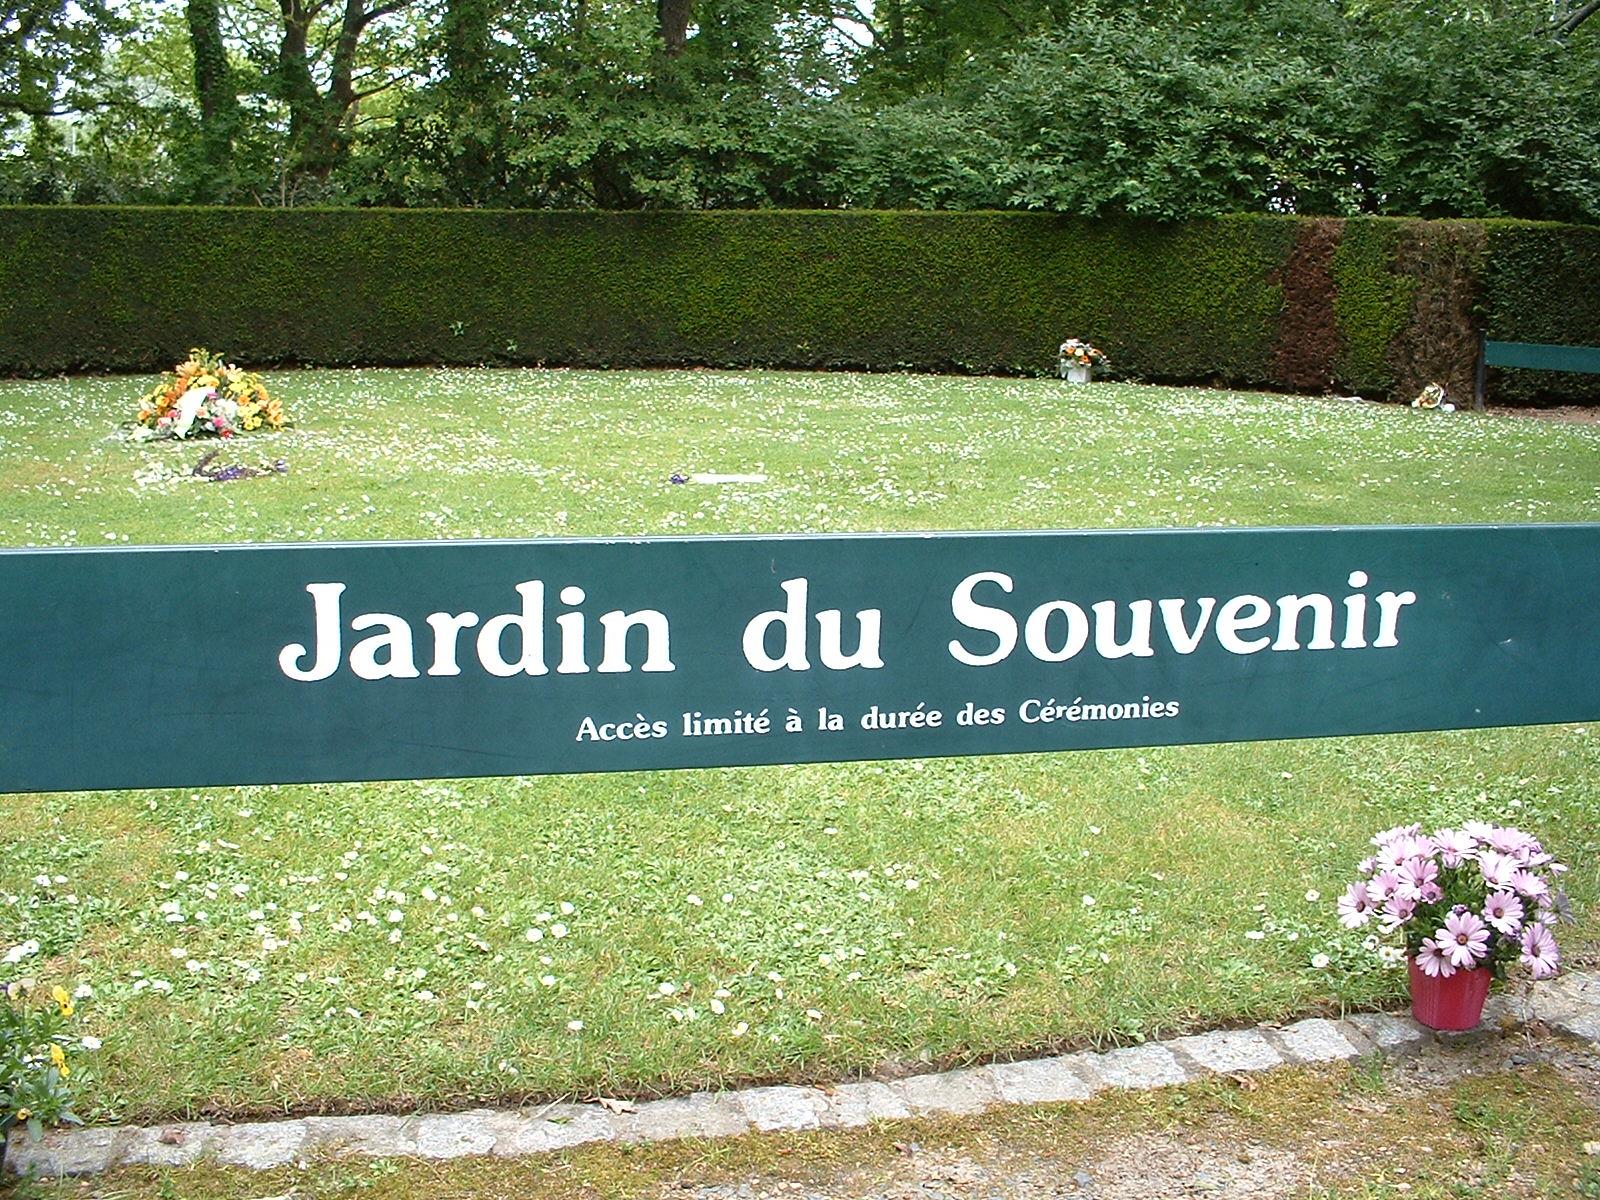 filenantes cimetire parc jardin du souvenirjpg - Jardin Du Souvenir